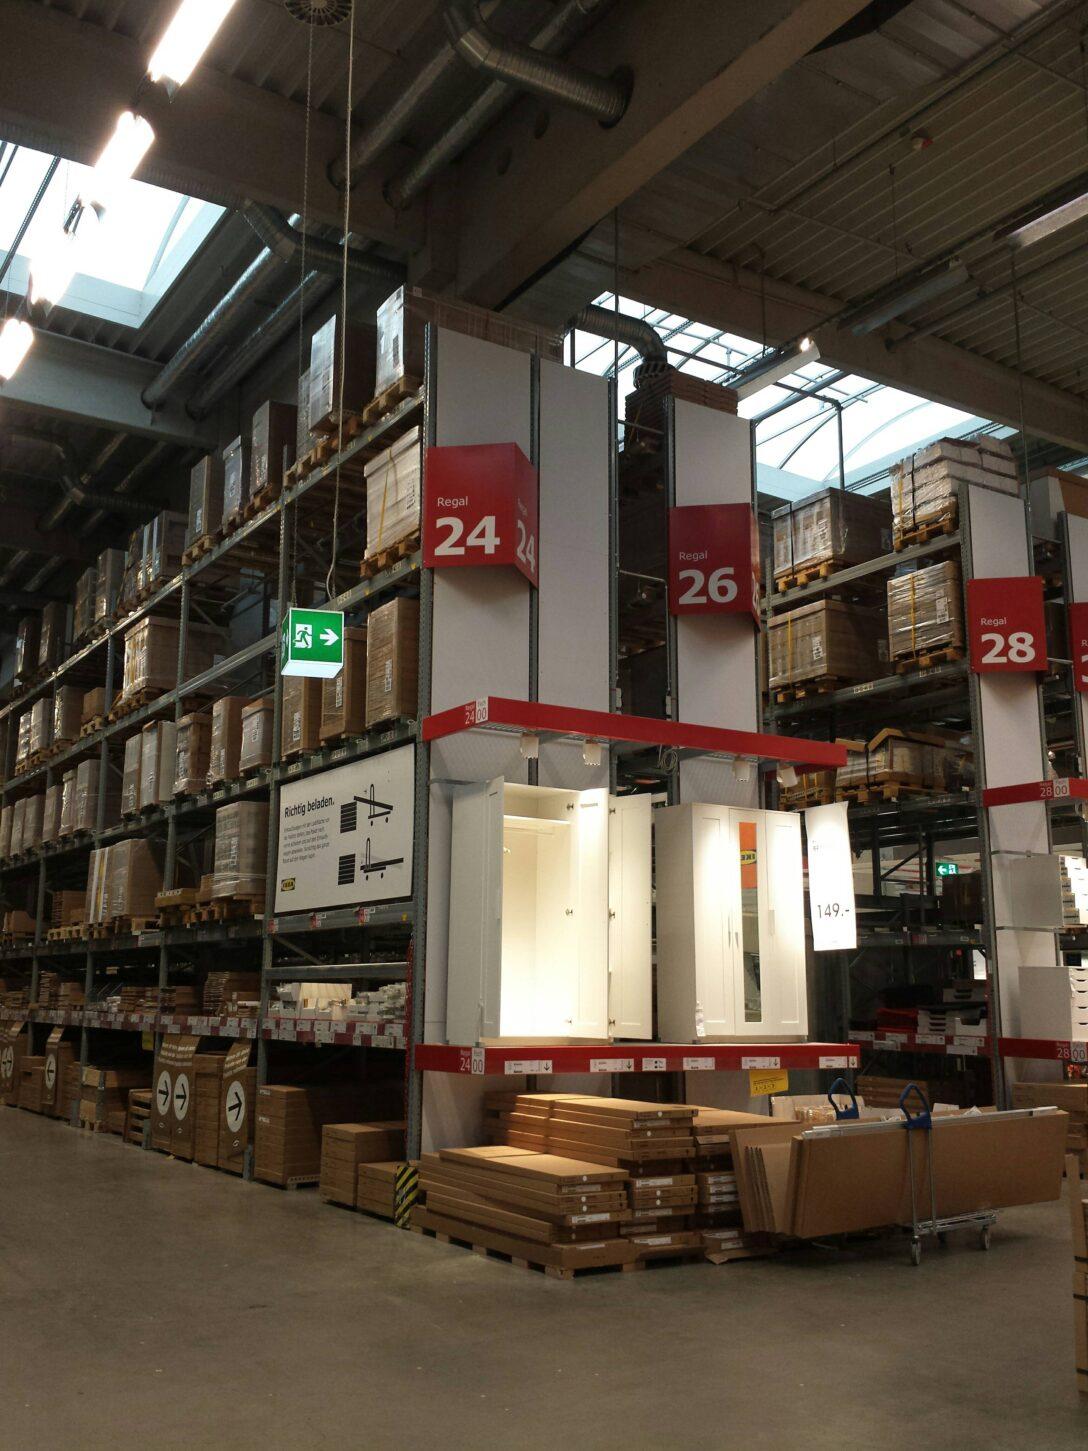 Large Size of Ikea Deutschland Gmbh Cokg Niederlassung Duisburg 47166 Schubladeneinsatz Küche Wanduhr Vorratsschrank Pendelleuchten Modul Kinder Spielküche Lüftung Wohnzimmer Barrierefreie Küche Ikea